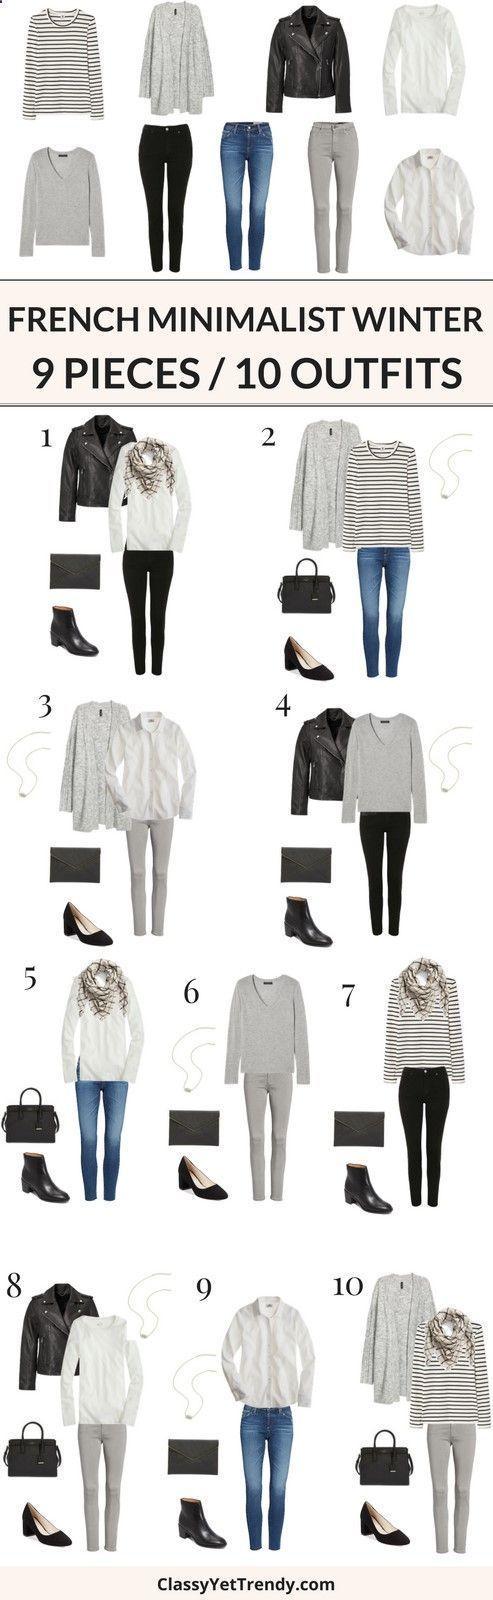 Kombiniere Schmuck mit Kleidung – 9 Teile / 10 Outfits (French Minimalist Winter